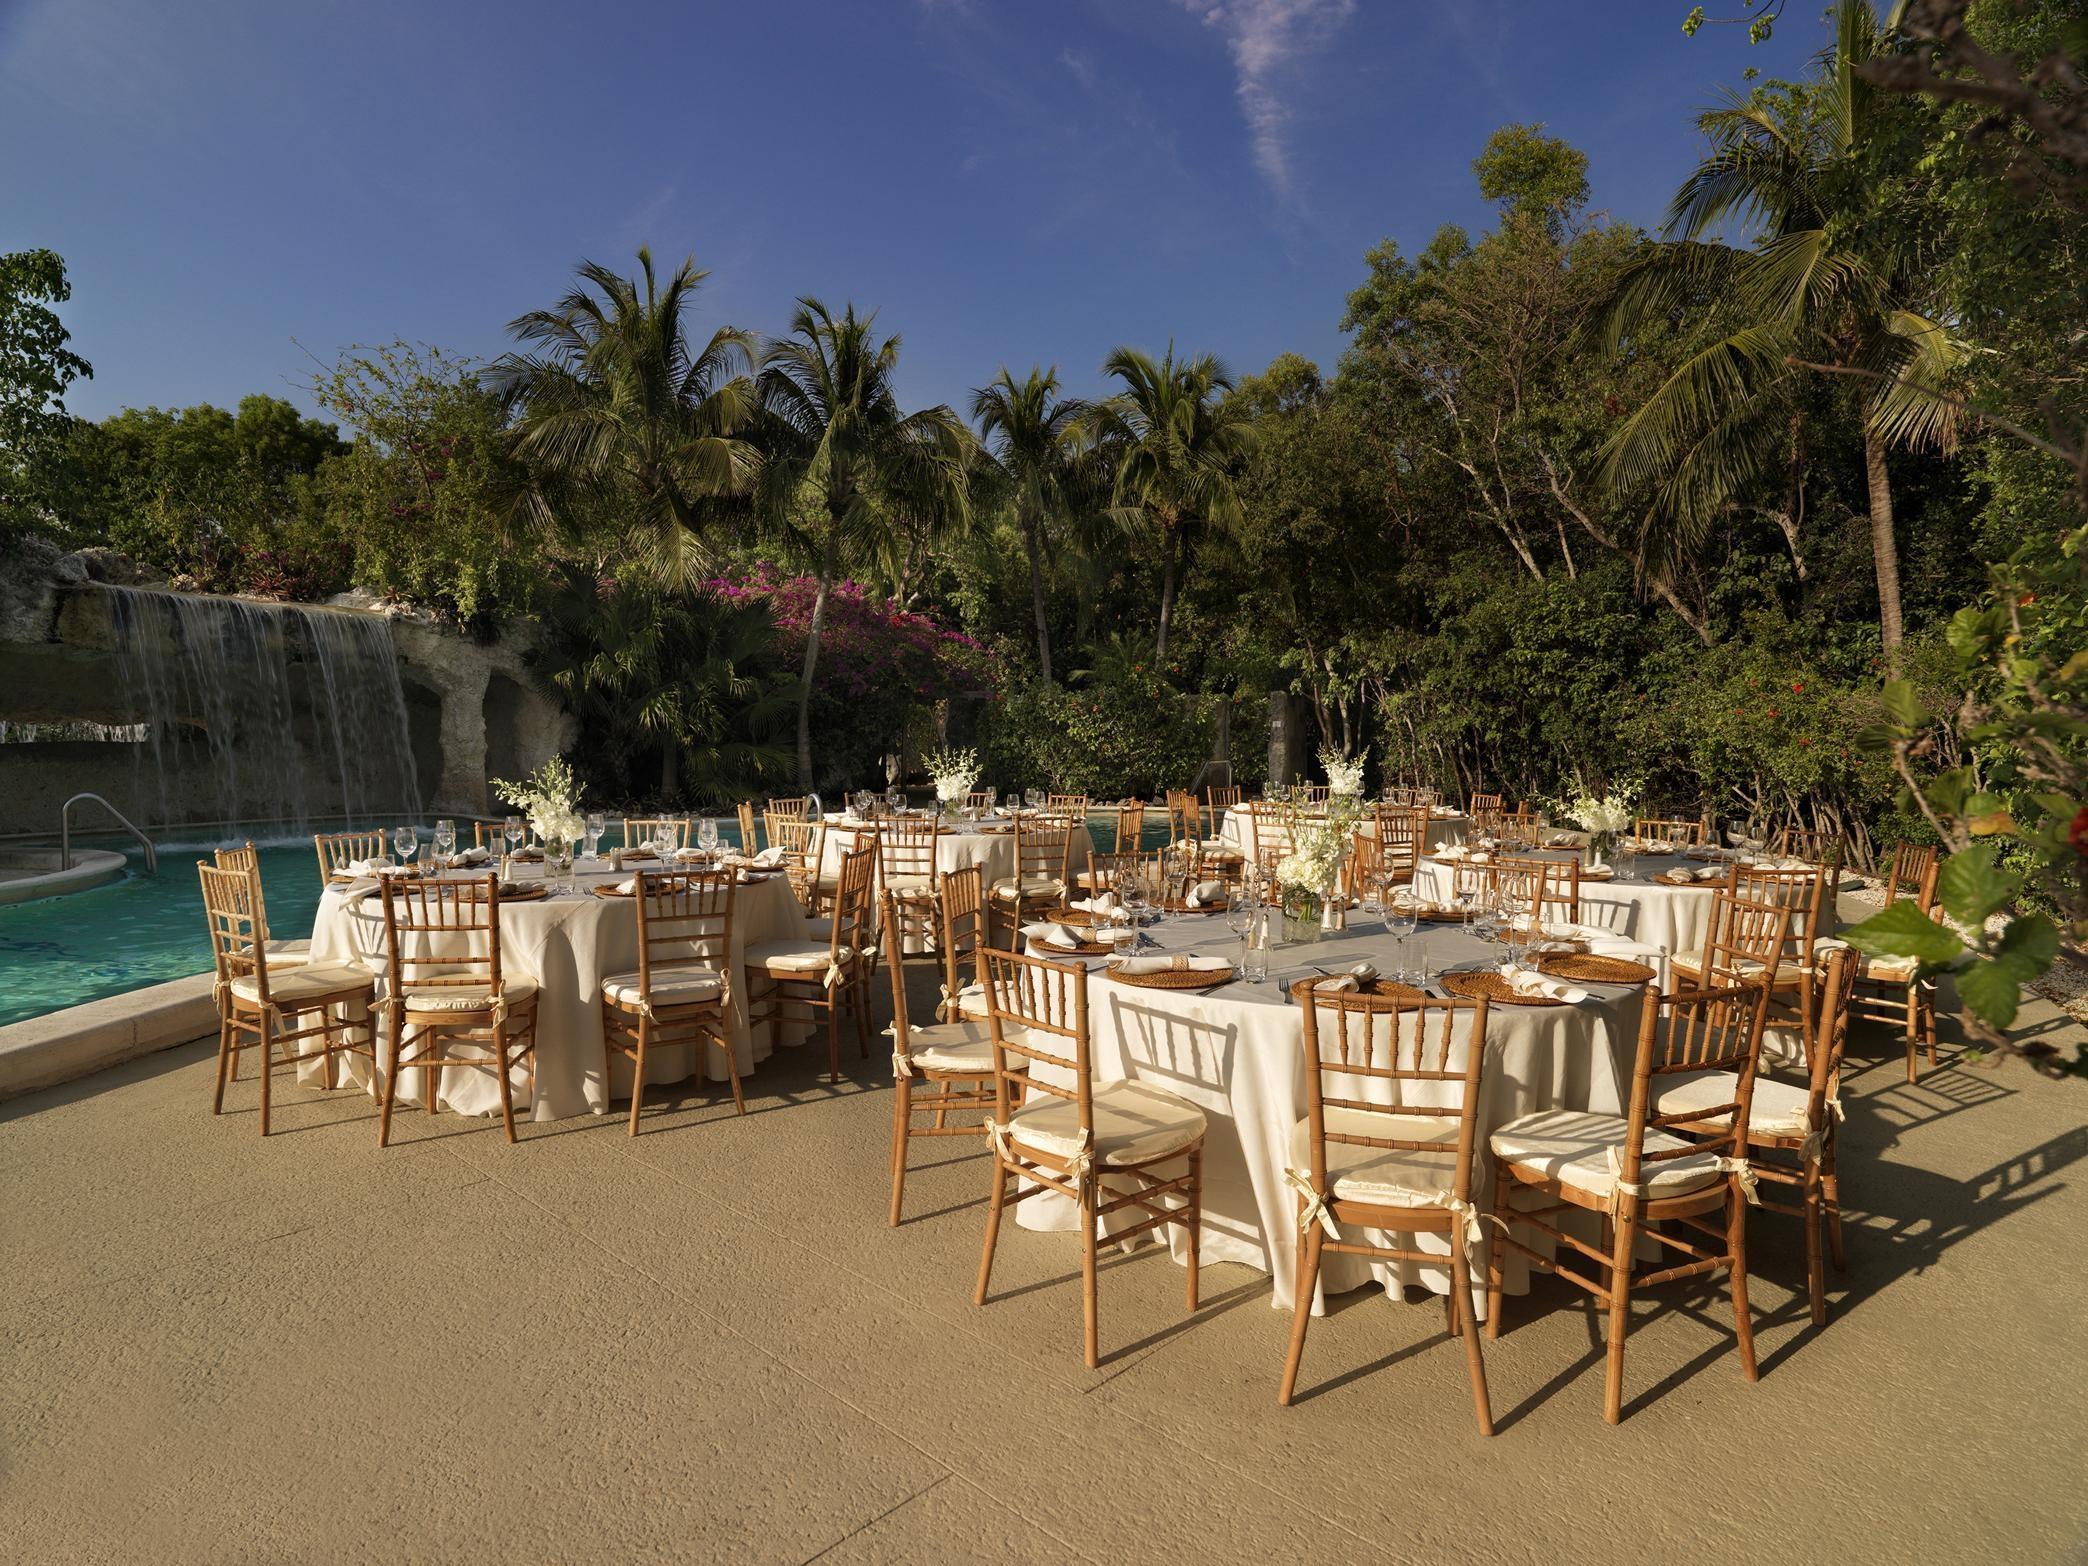 Hilton Key Largo Resort image 15